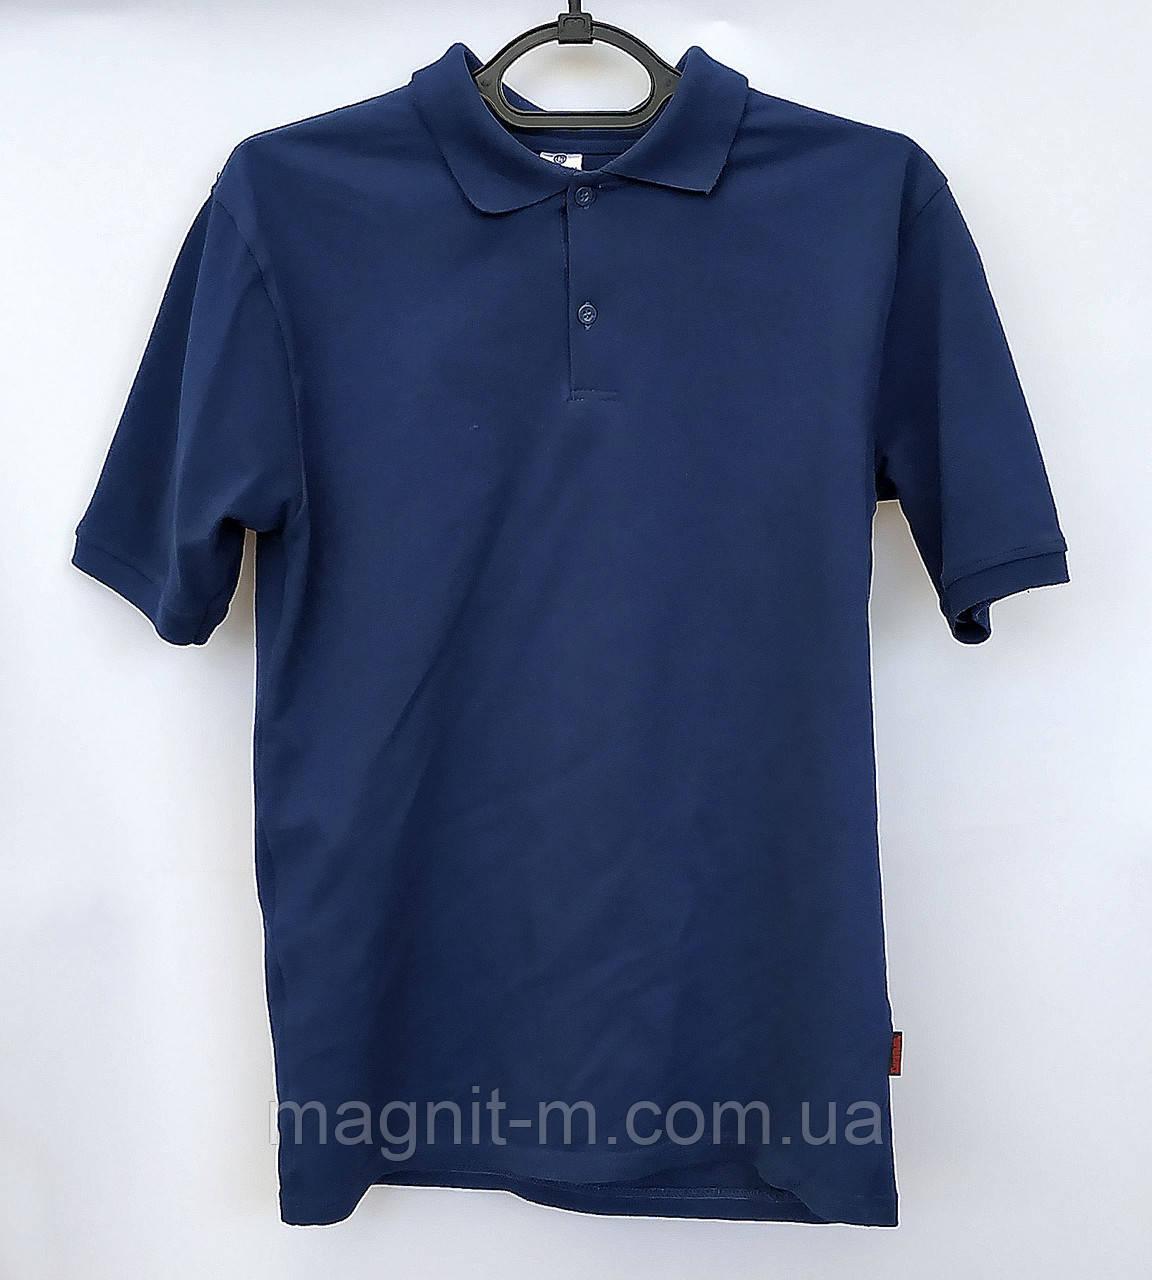 """Мужская тенниска """"Богатырь"""". Ткань лакоста. Темно-синий цвет.  Хлопок. Узбекистан."""